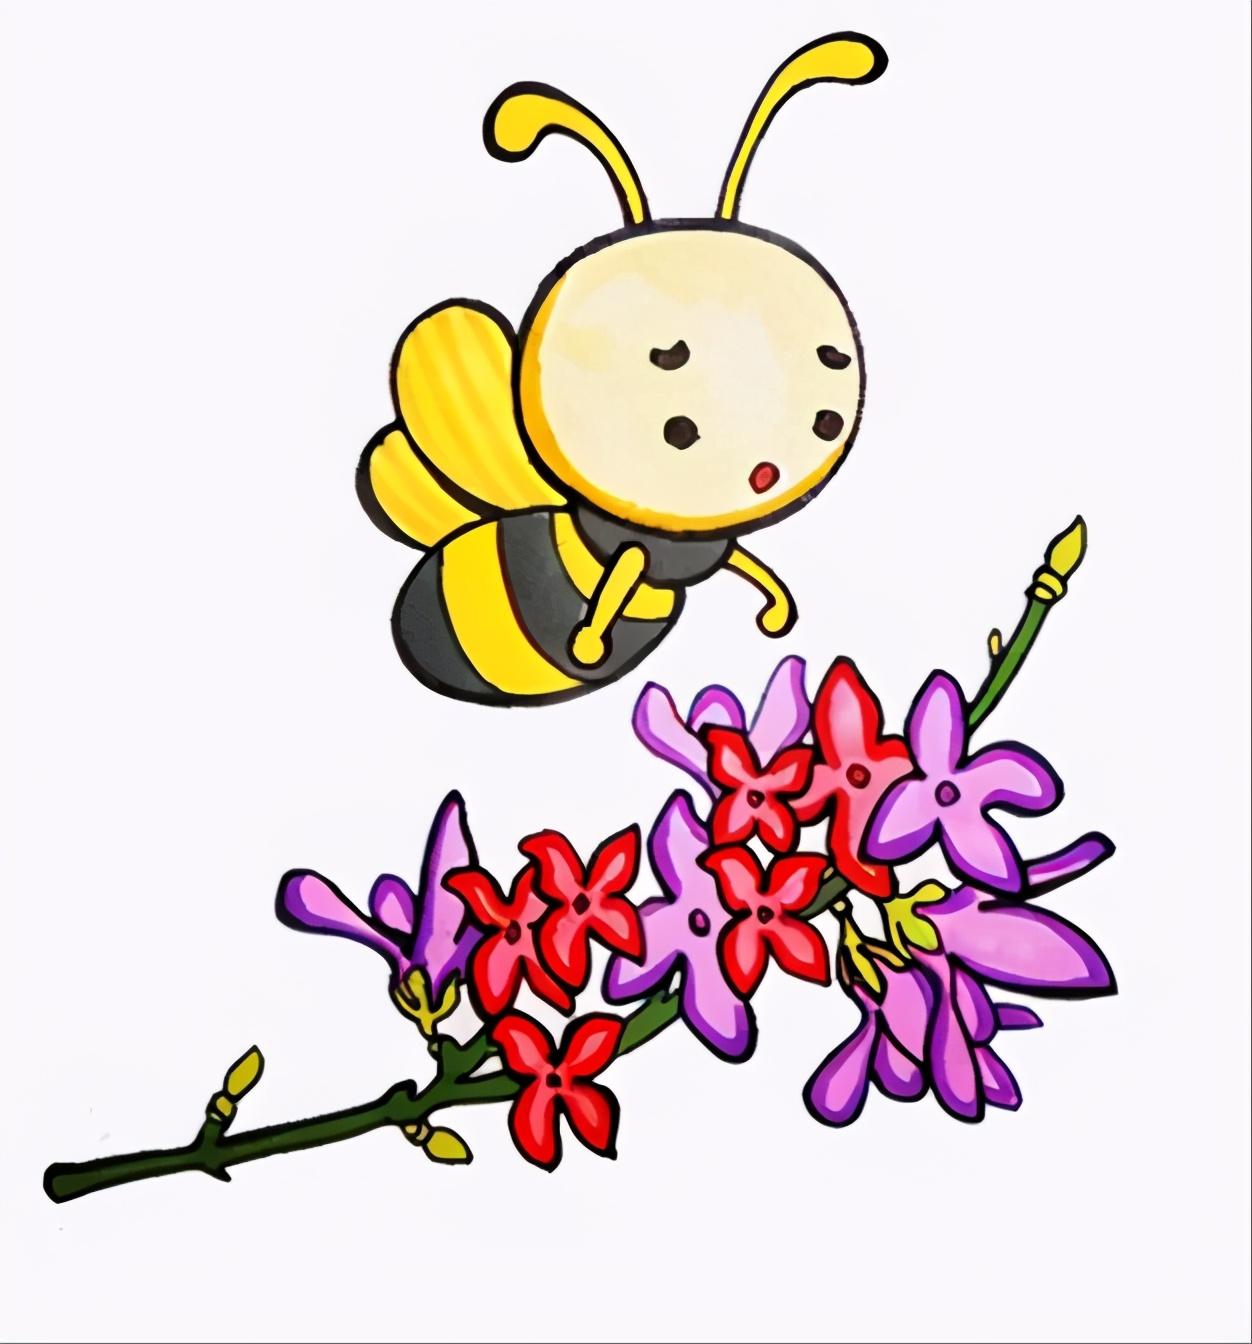 小蜜蜂简笔画怎么画